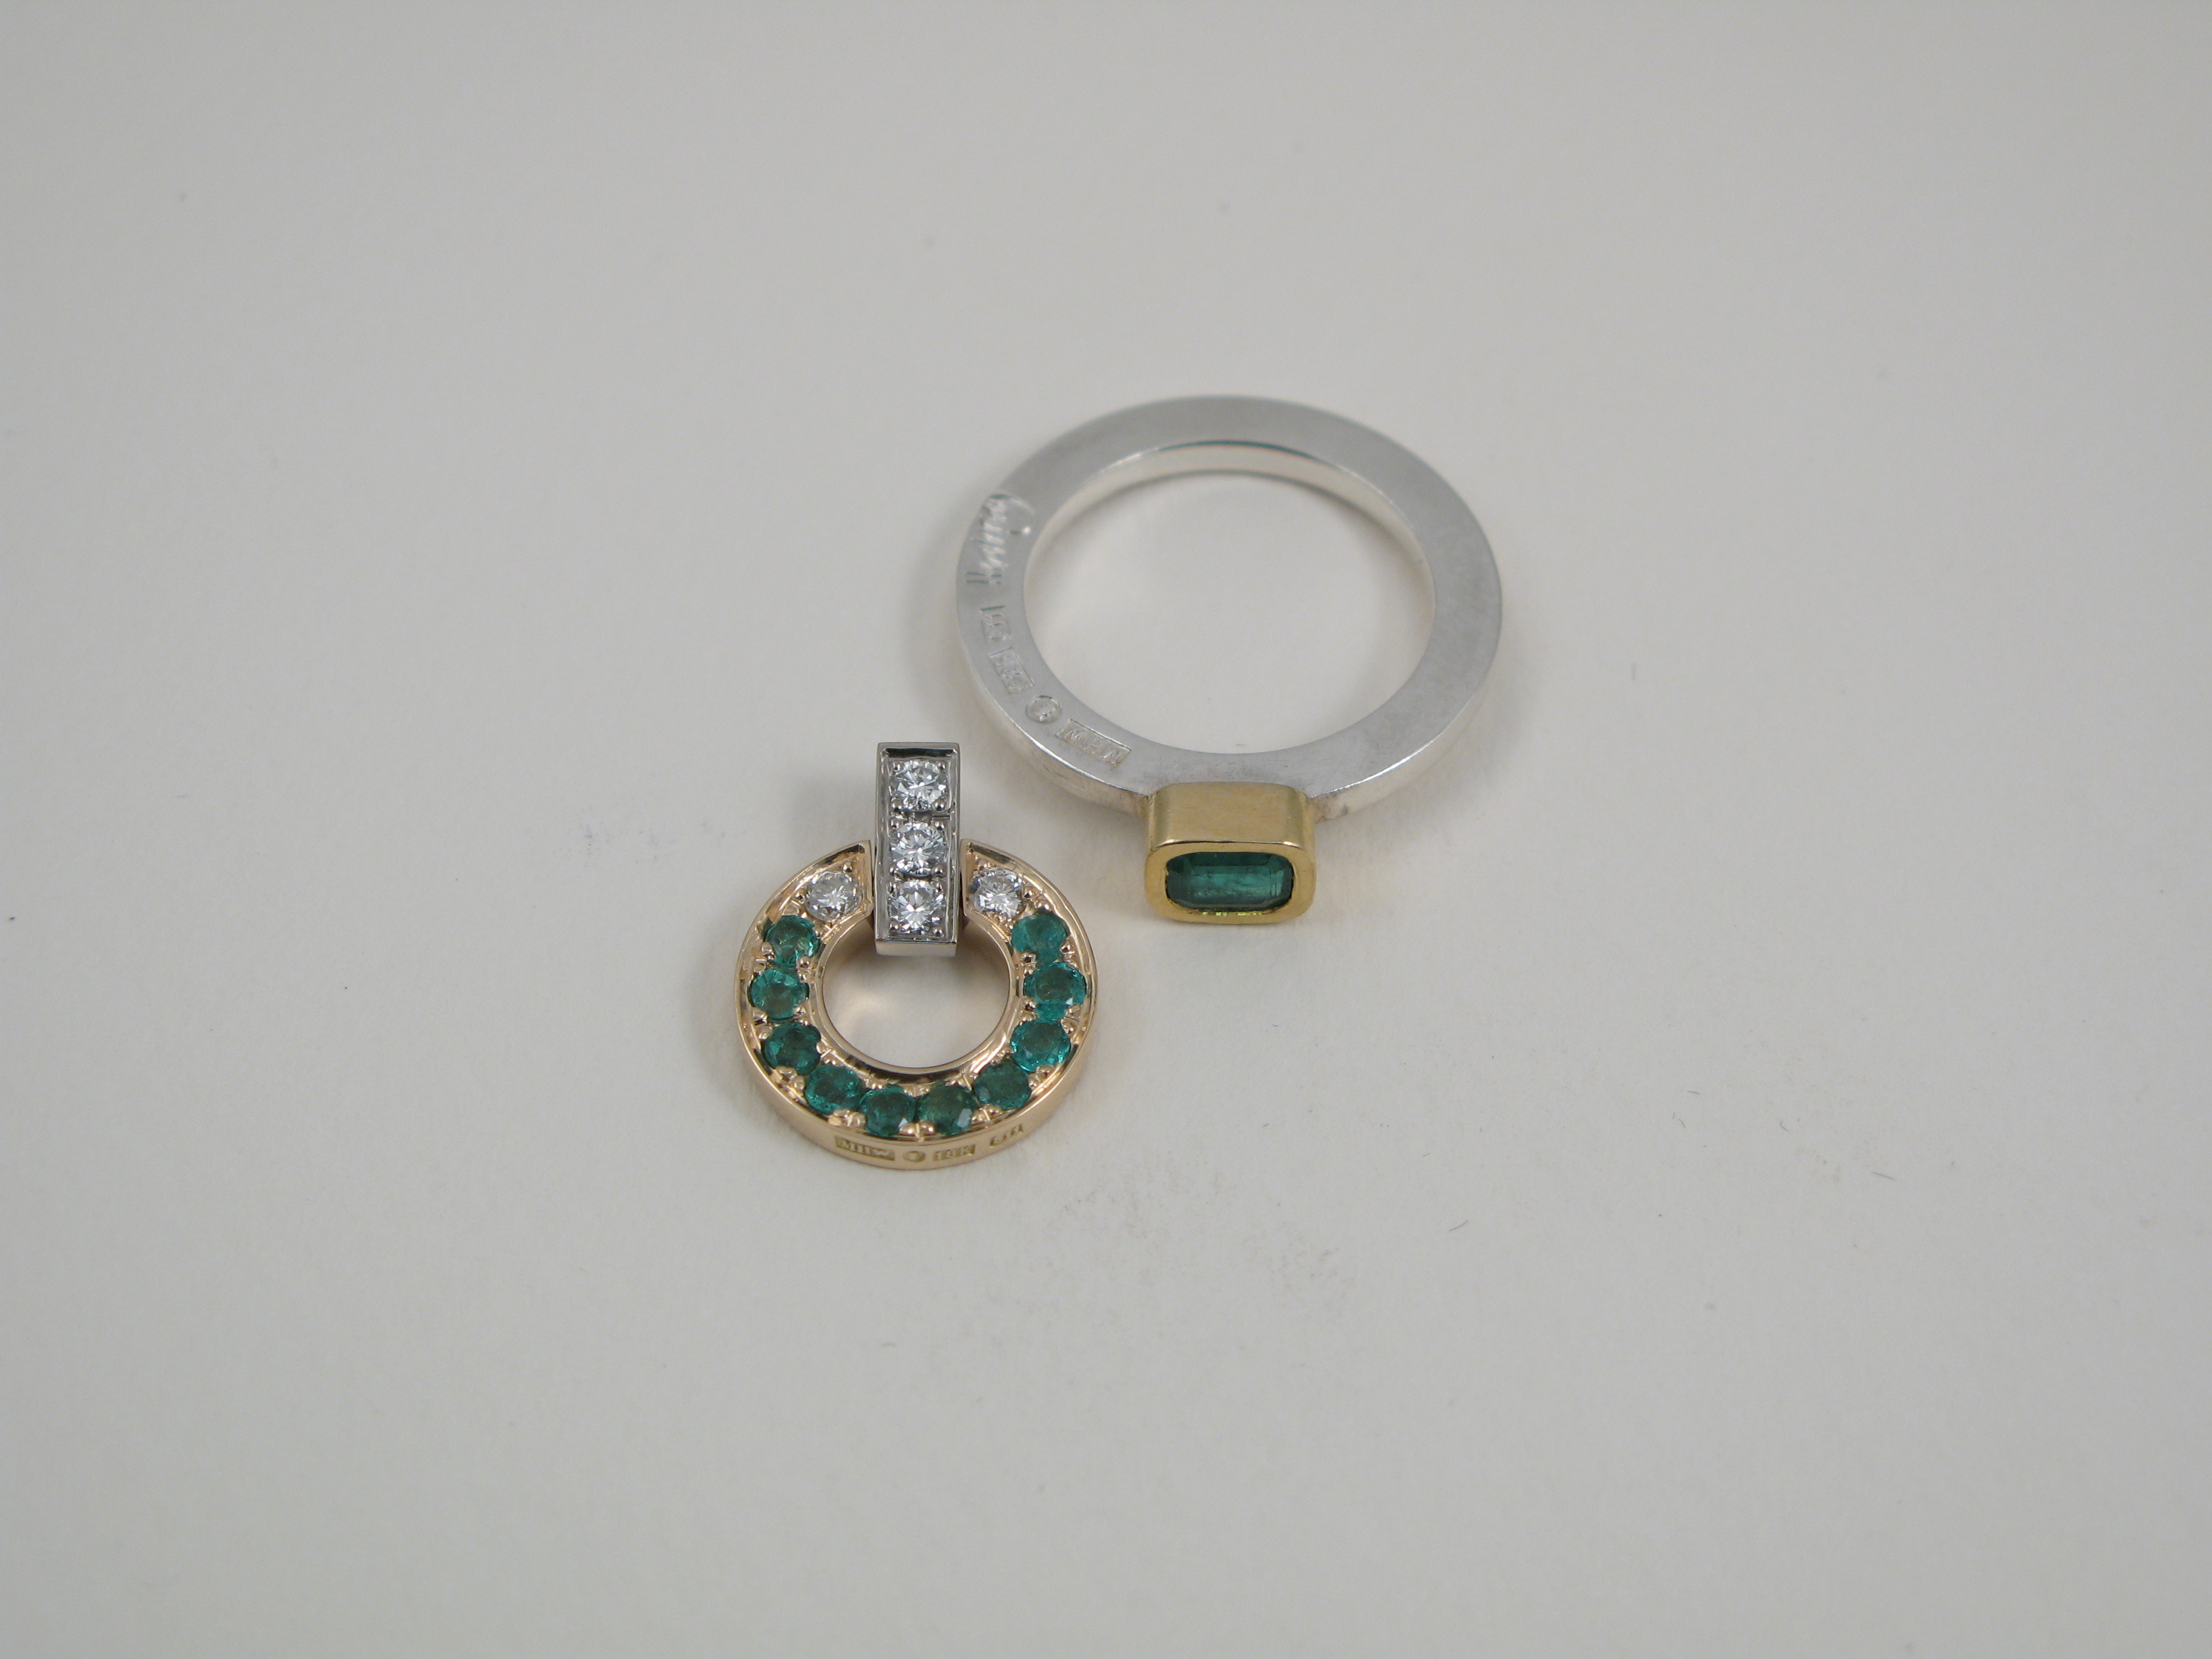 Ring, silver, guld och smaragd.  Hänge, silver, guld, smaragder och biljanter.